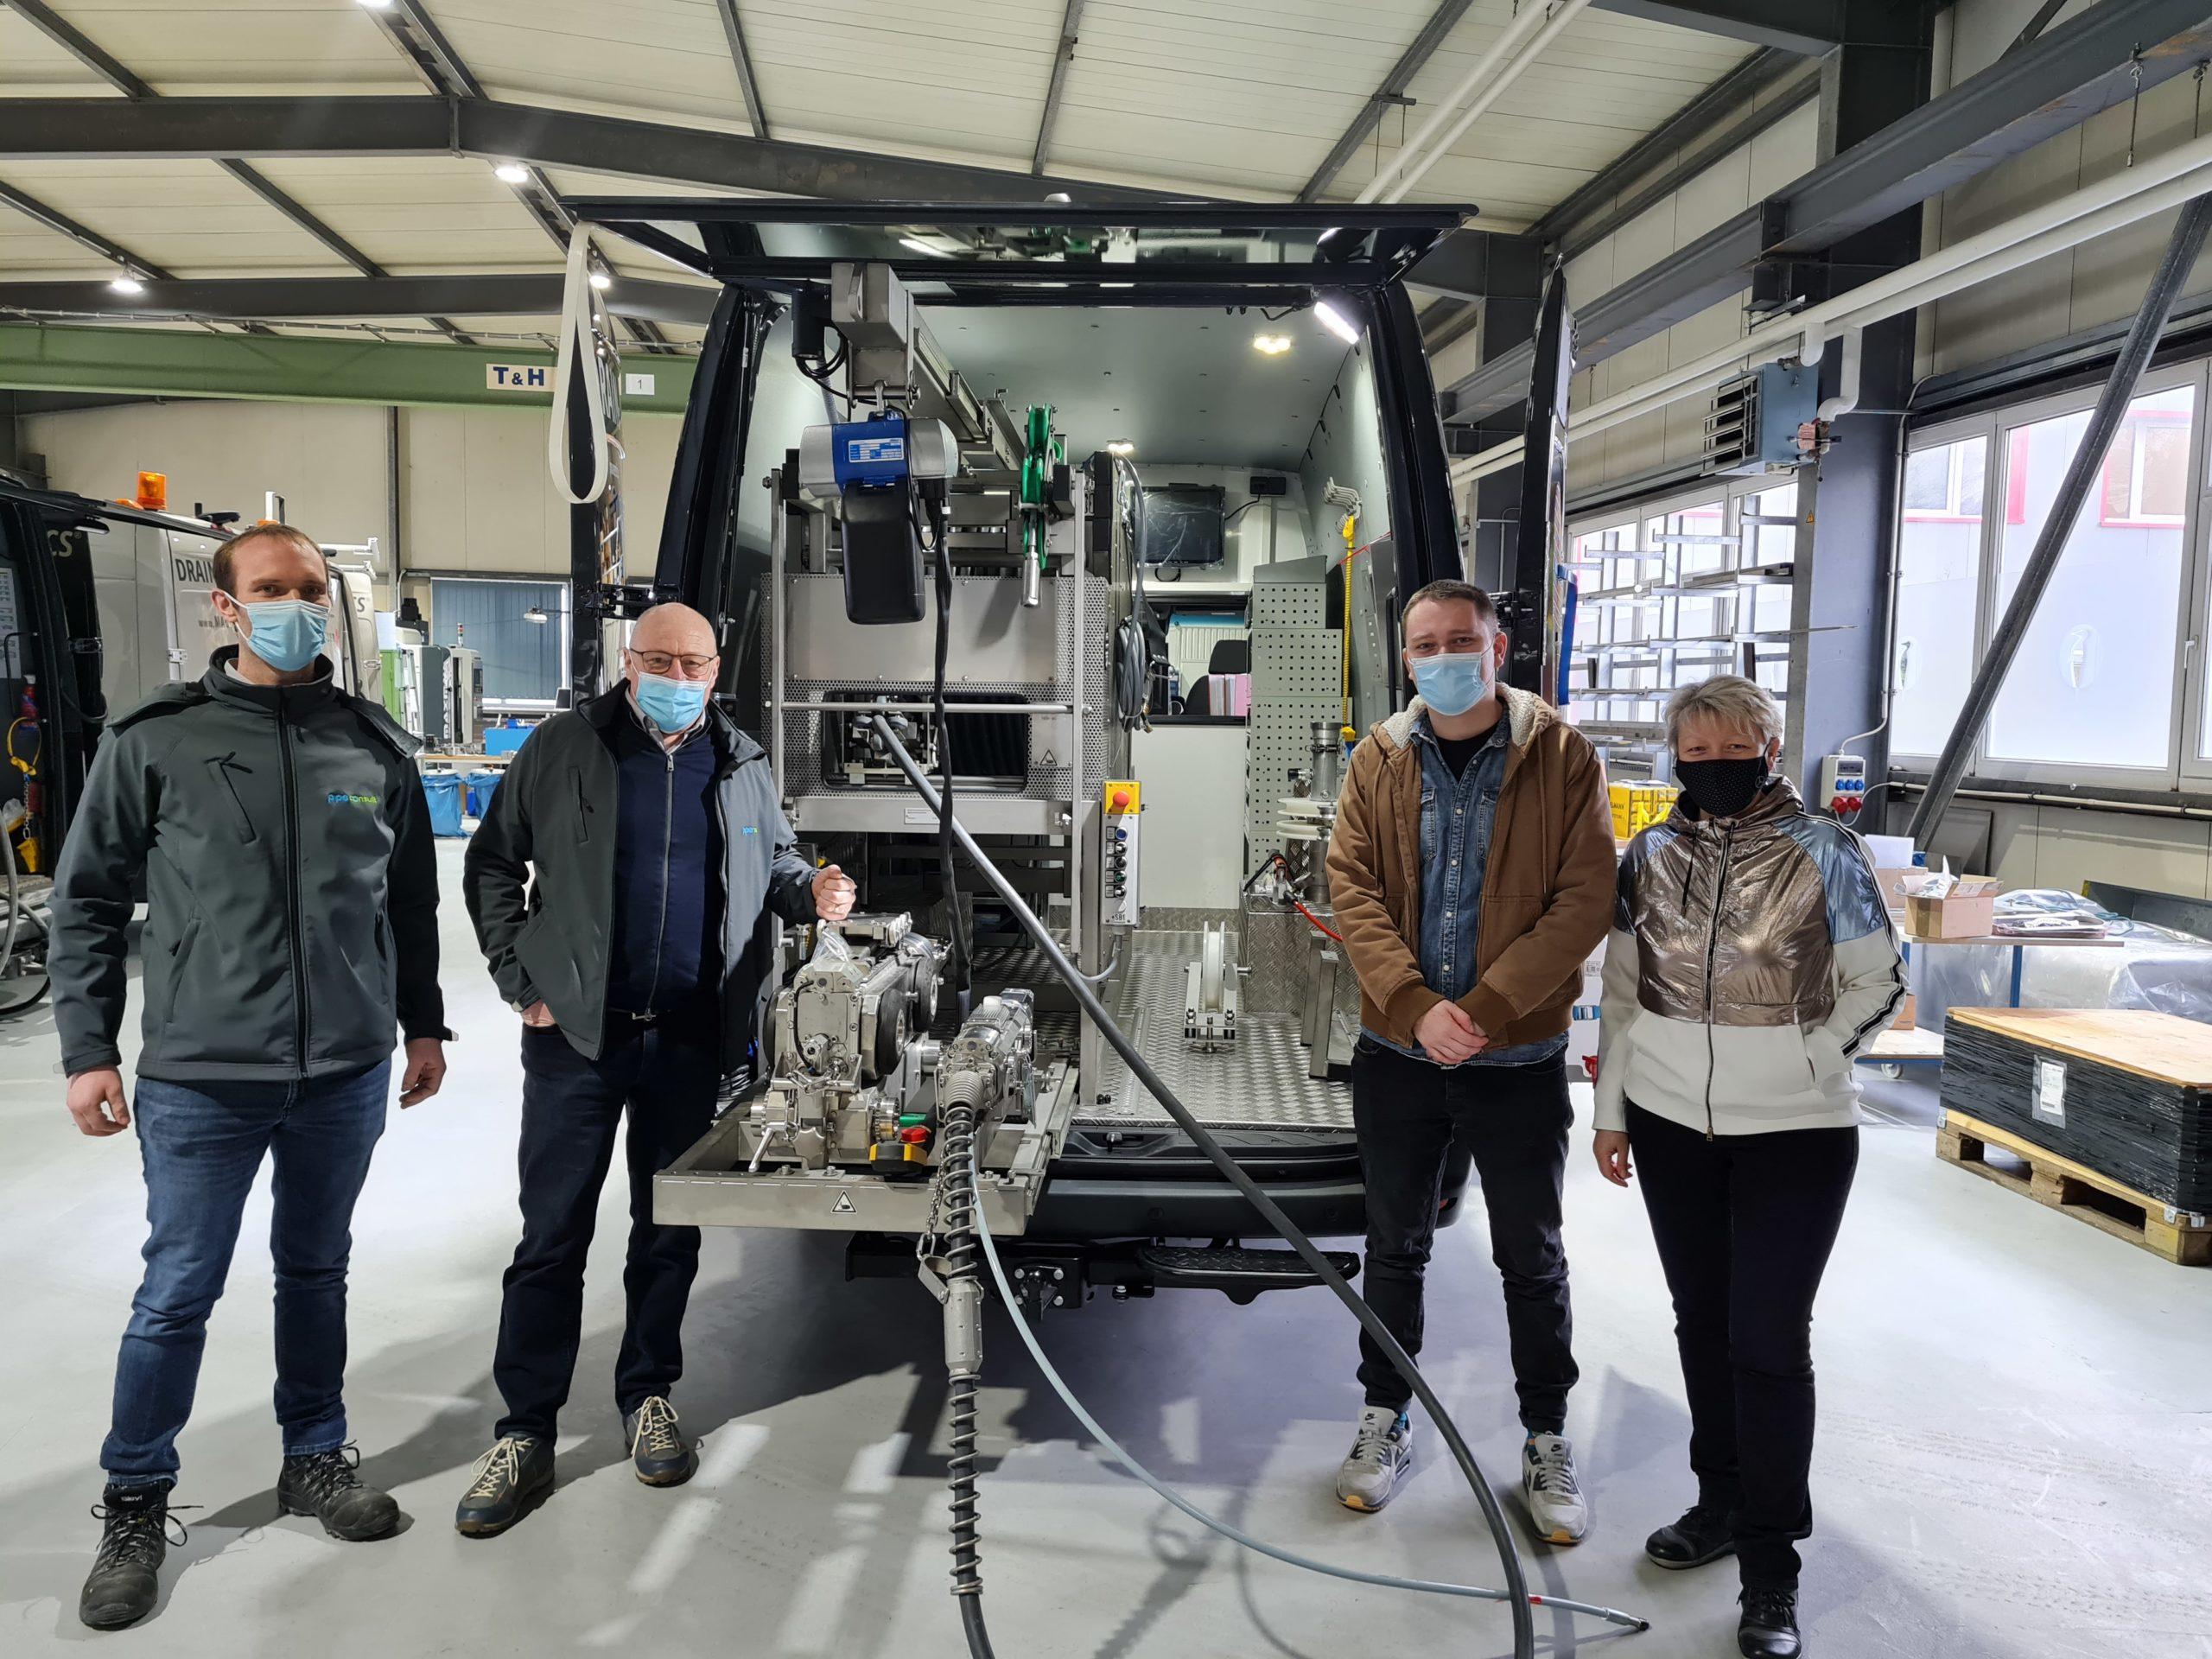 Partenaire Officiel du Drain-jet Robotics pour Benelux & Nord de France.